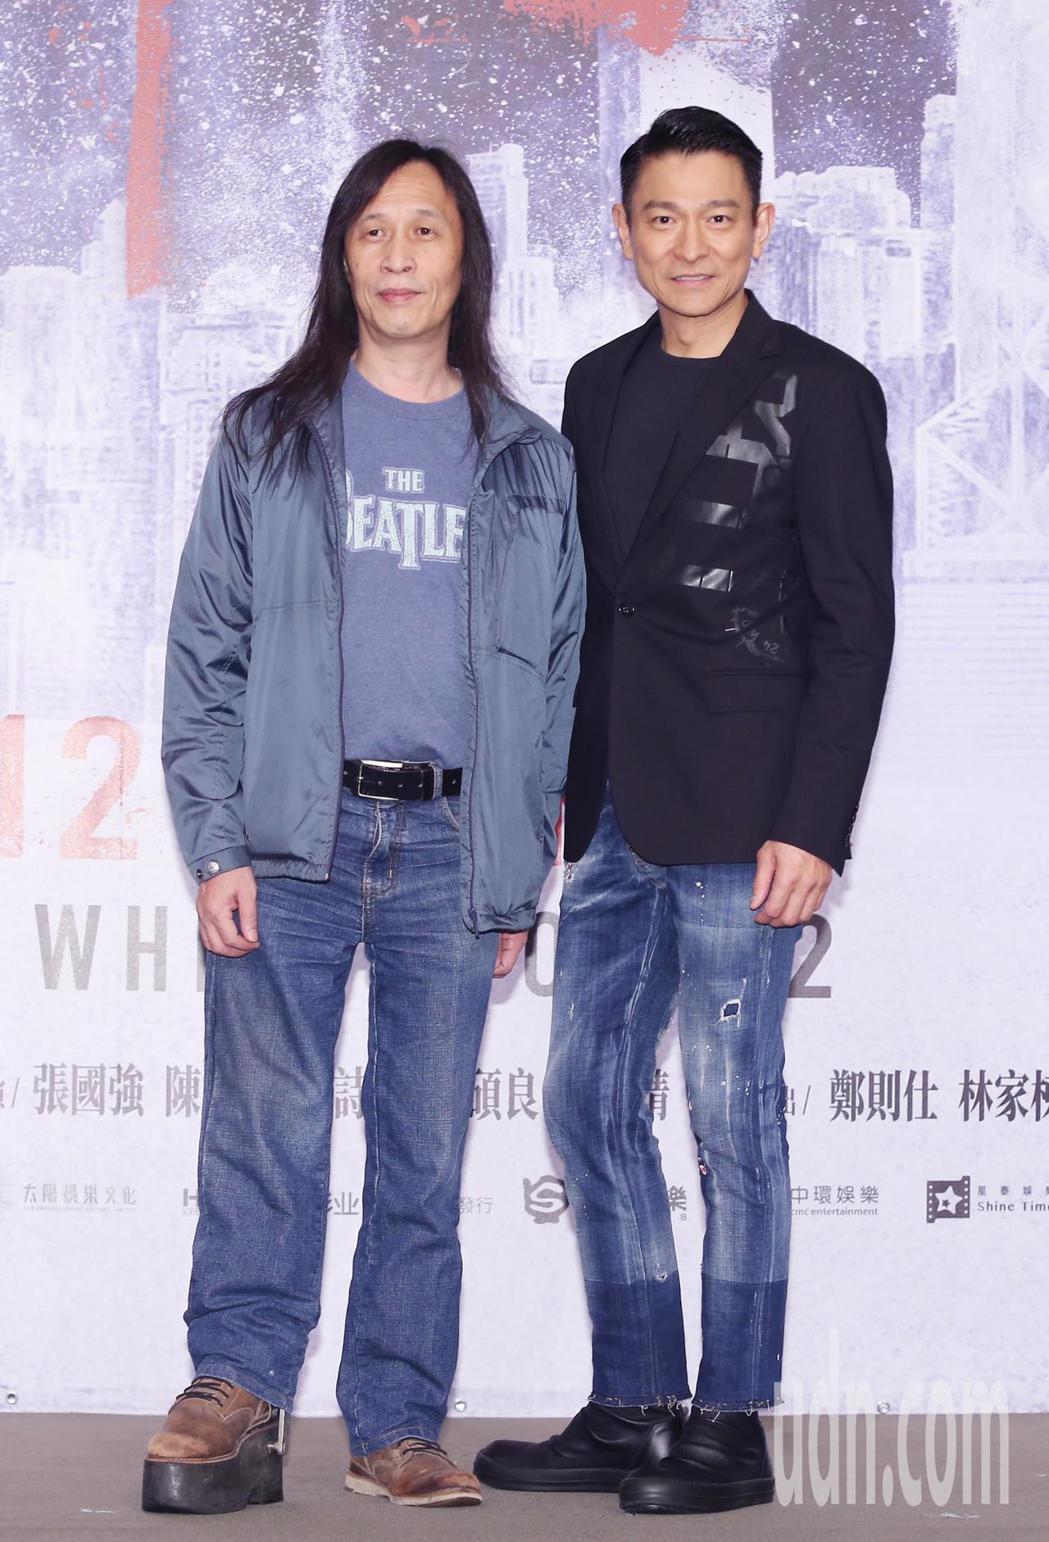 劉德華(右)與導演邱禮濤(左)來台舉行一系列的宣傳活動。記者徐兆玄/攝影